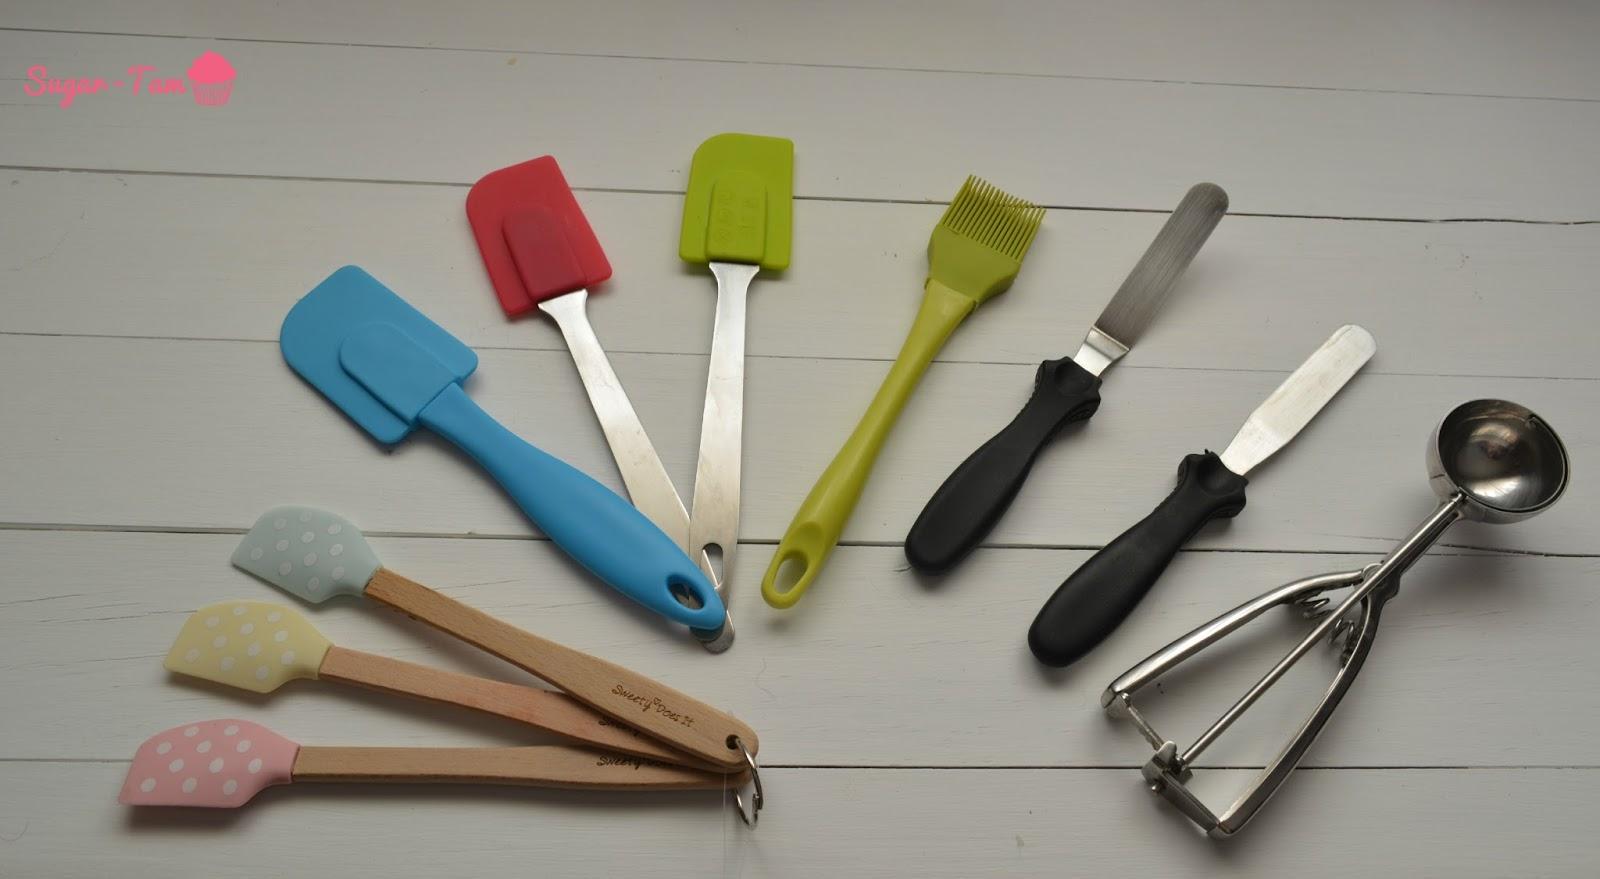 Utensilios para pastelera utilcentre utensilios para for Utensilios de cocina para zurdos